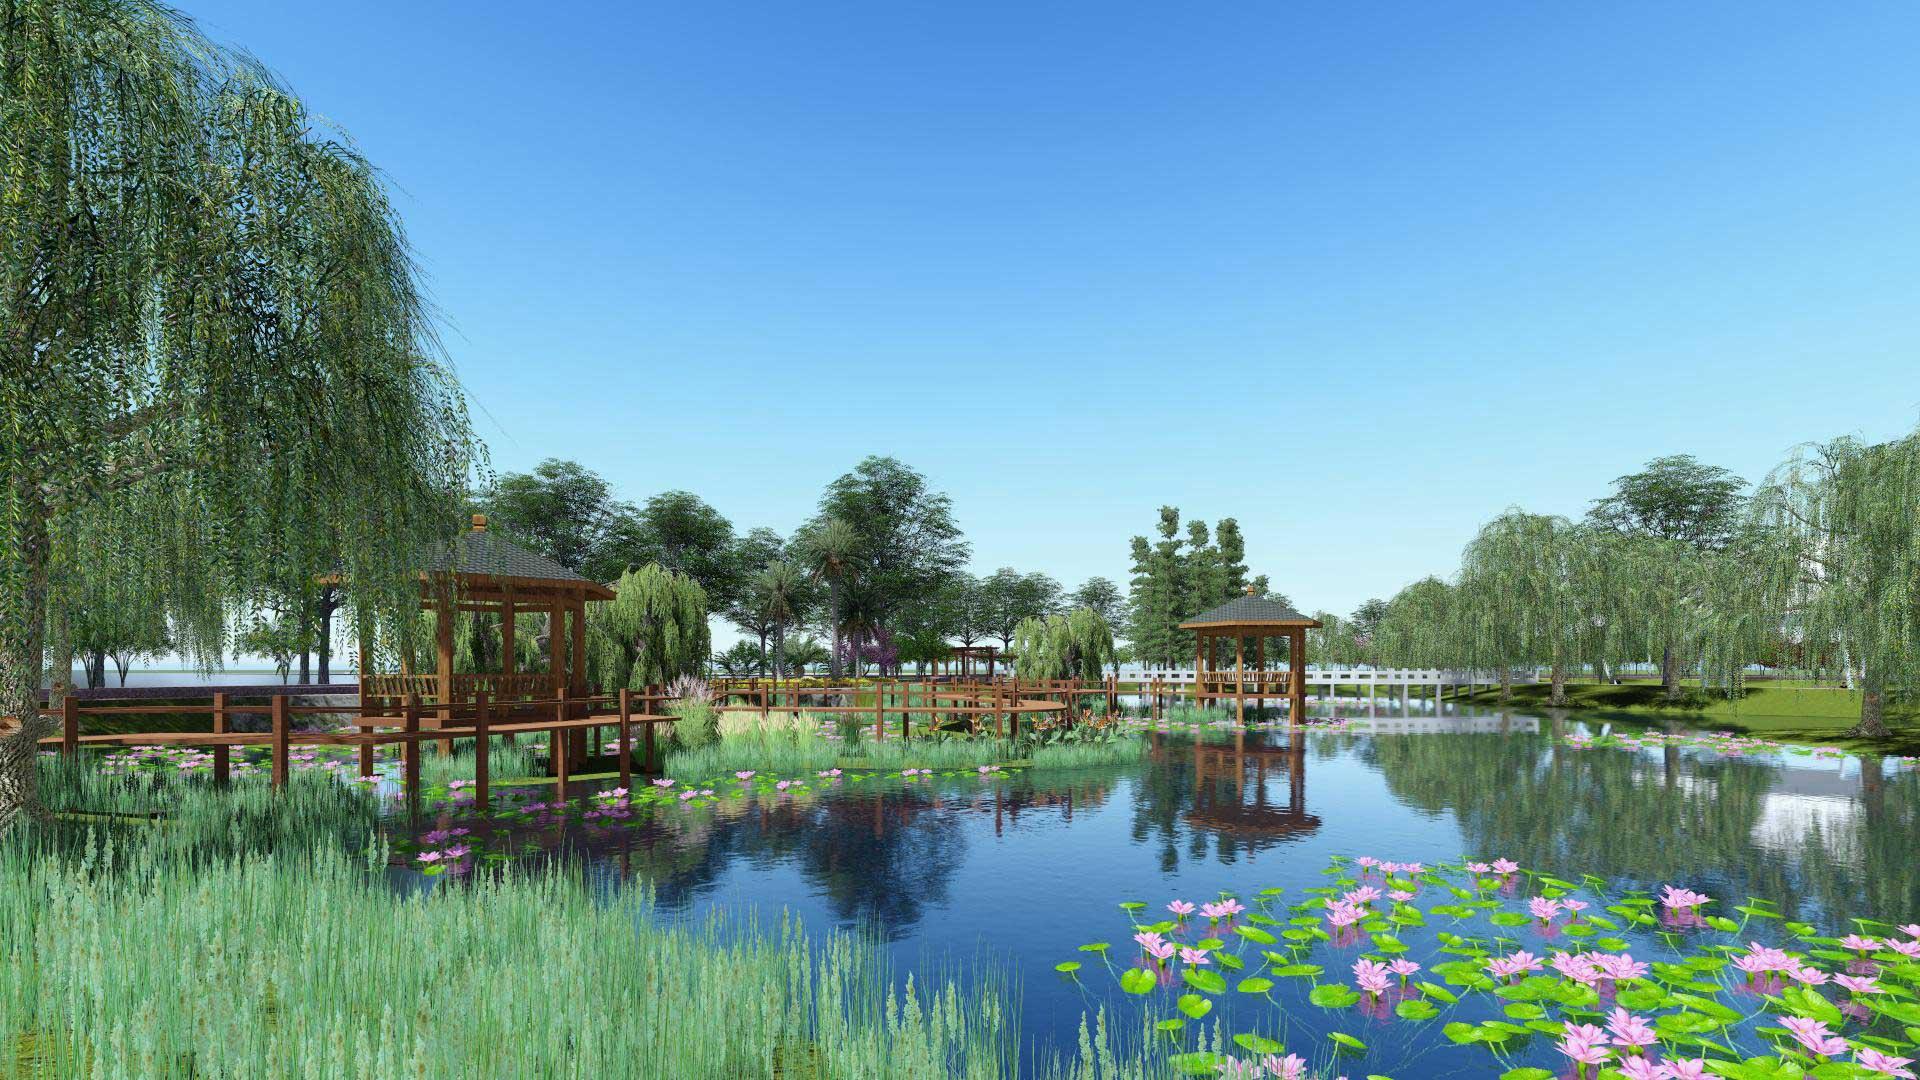 景观规划 旅游规划 人文景观 建筑景观 园林景观 商业景观 景观施工